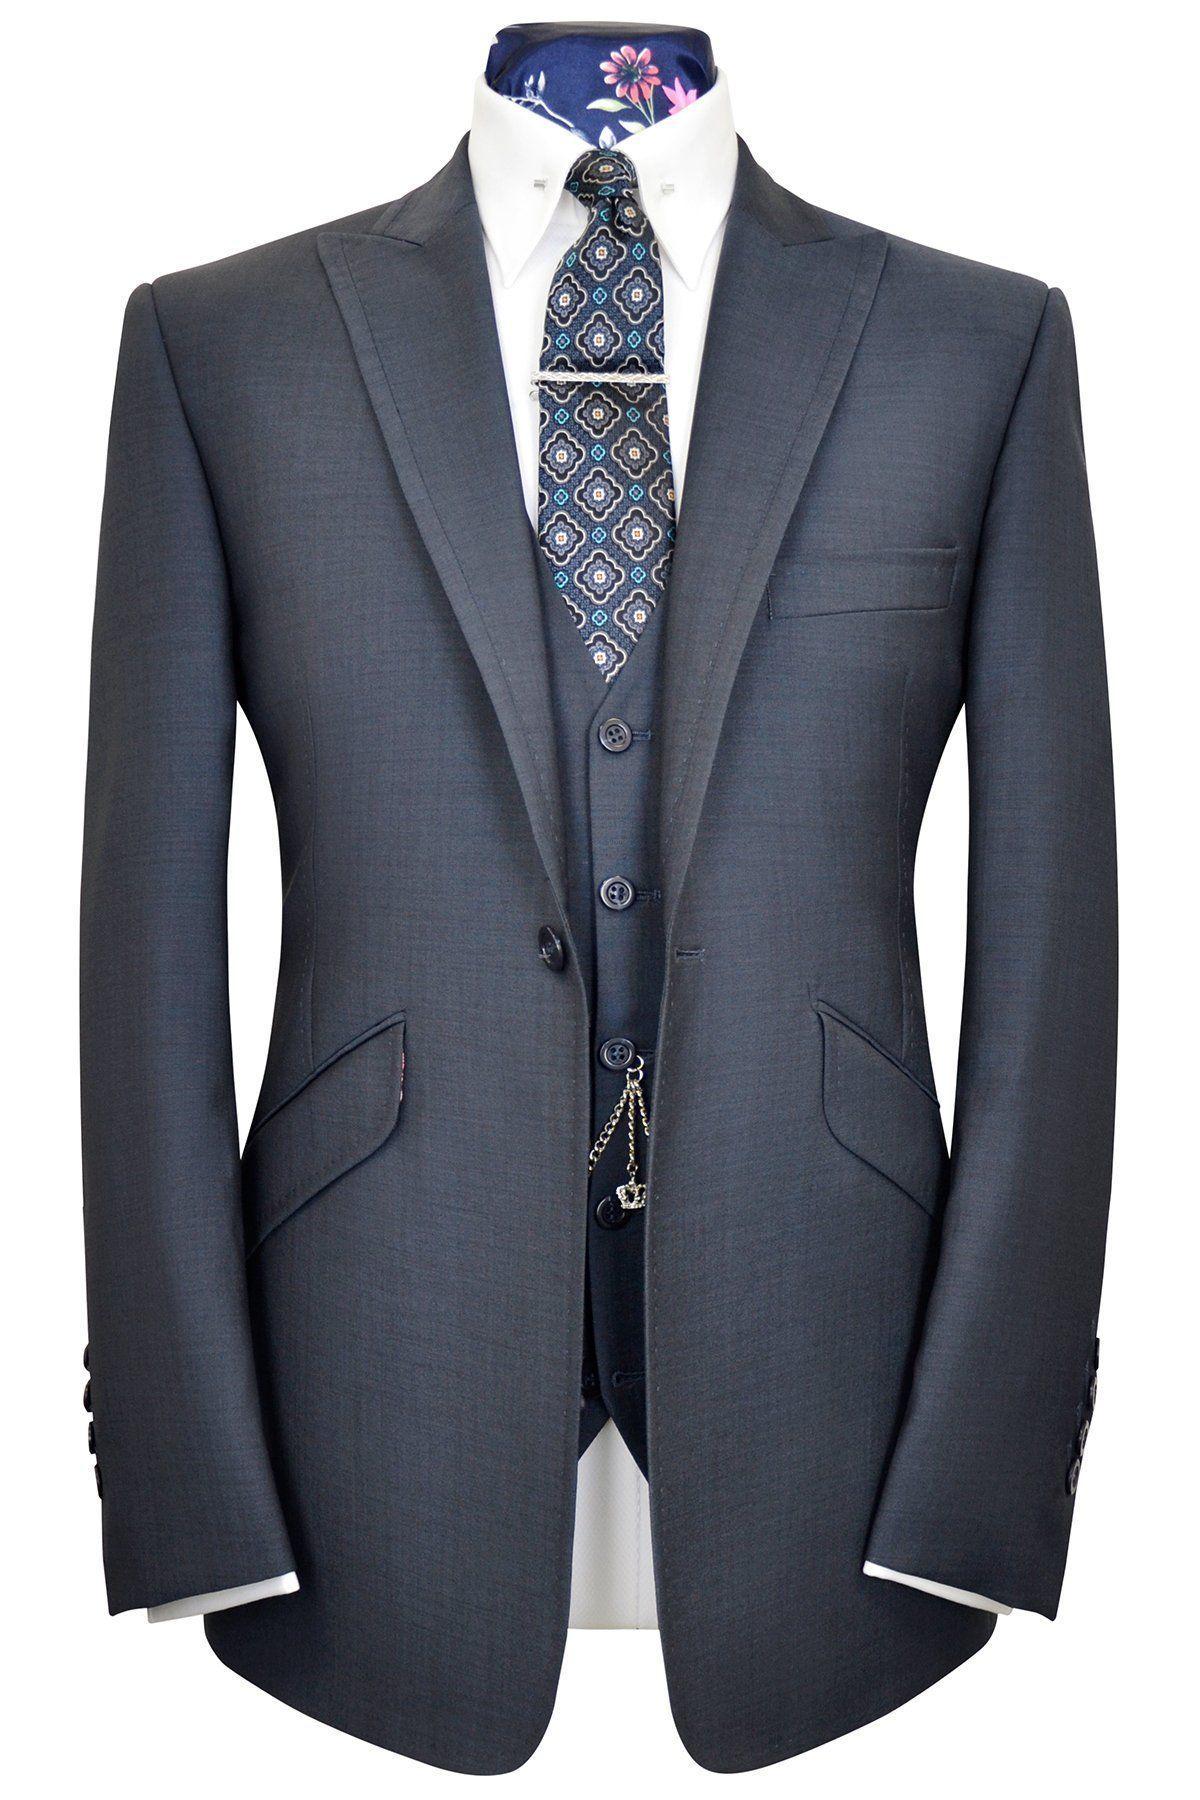 Slate Blue Three Piece Peak Lapel Suit Wh Suits Pinterest